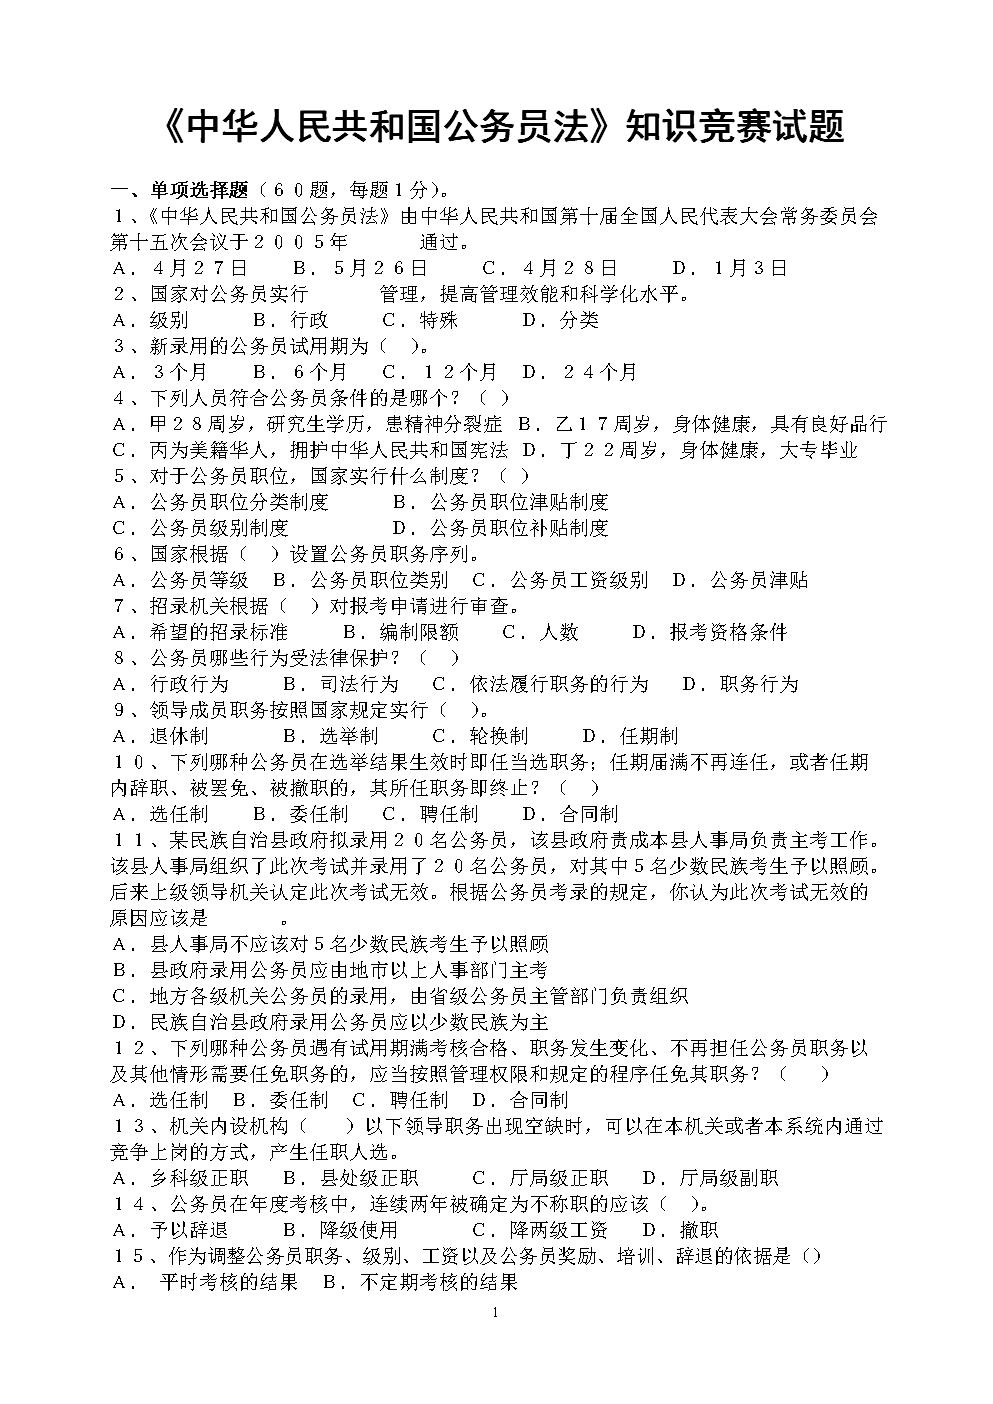 《中华人民共和国公务员法》知识竞赛试题.doc